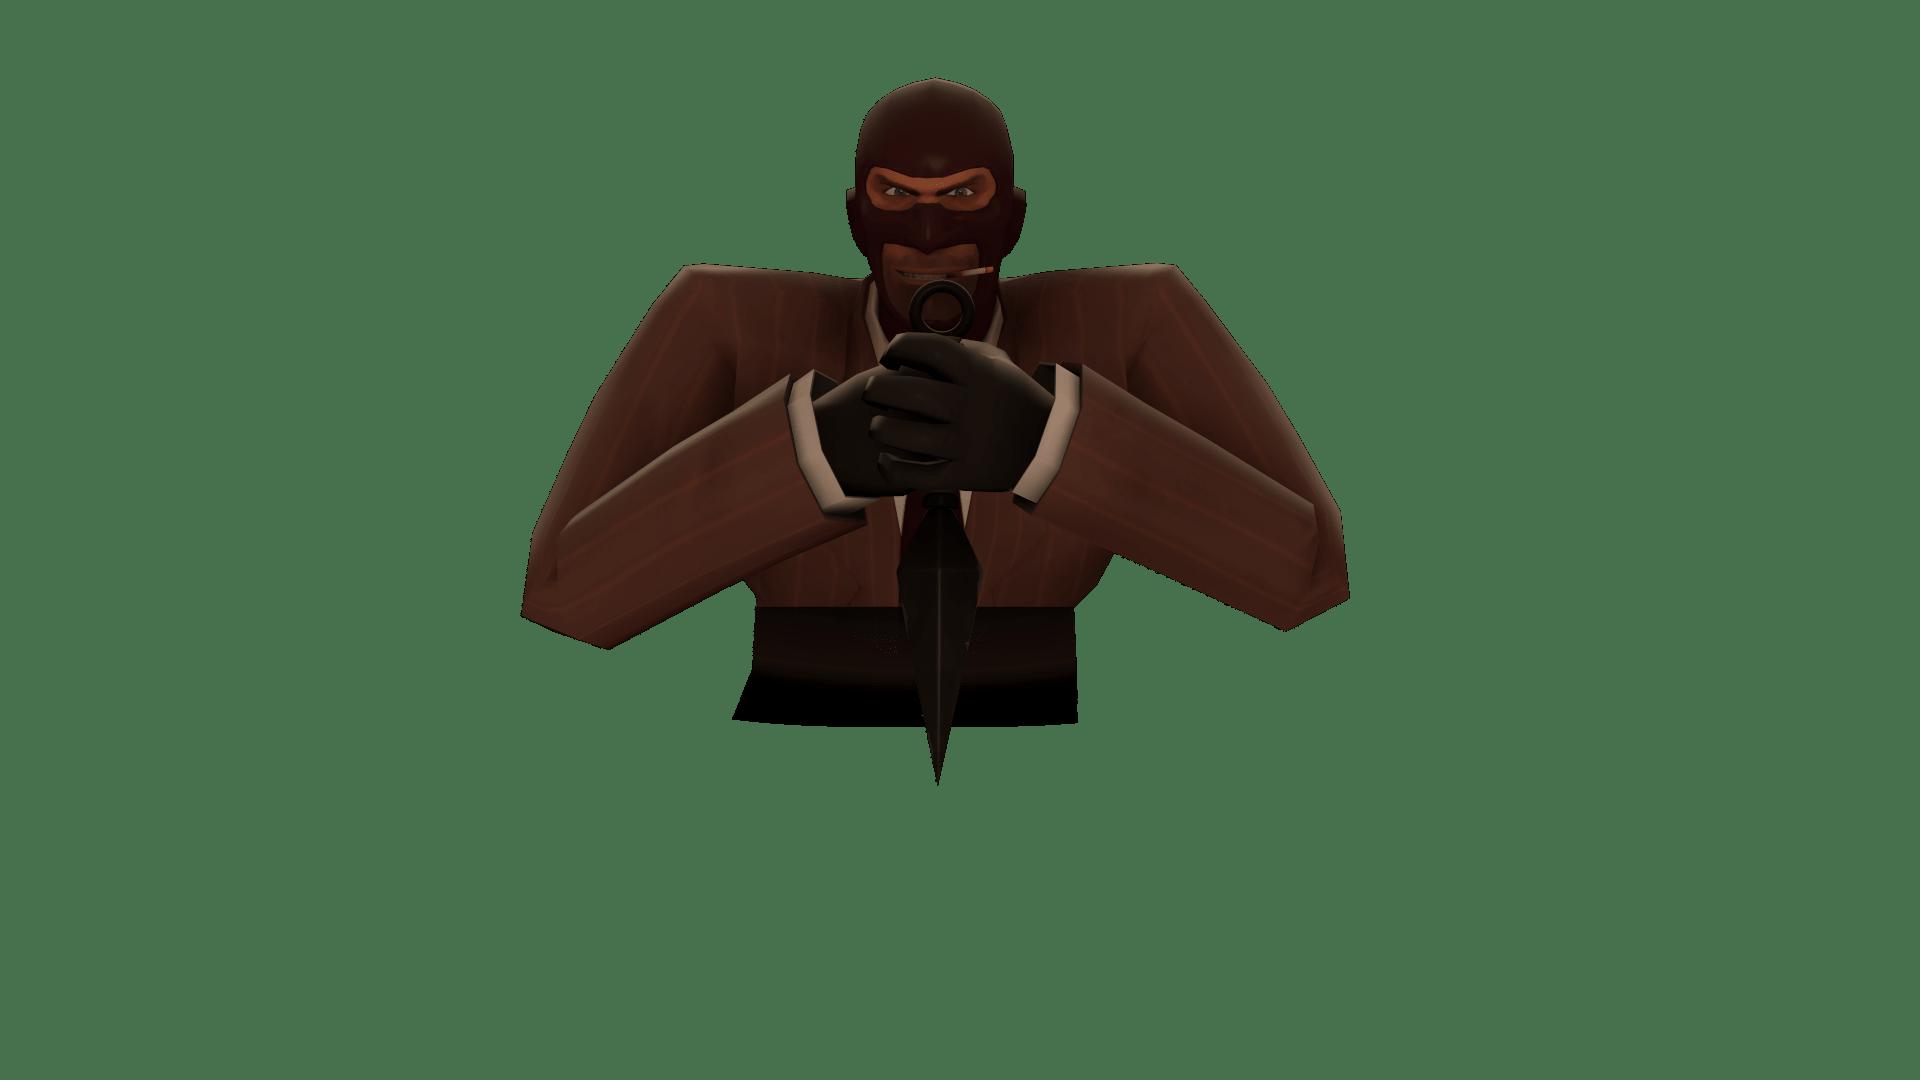 TF2 Spy character